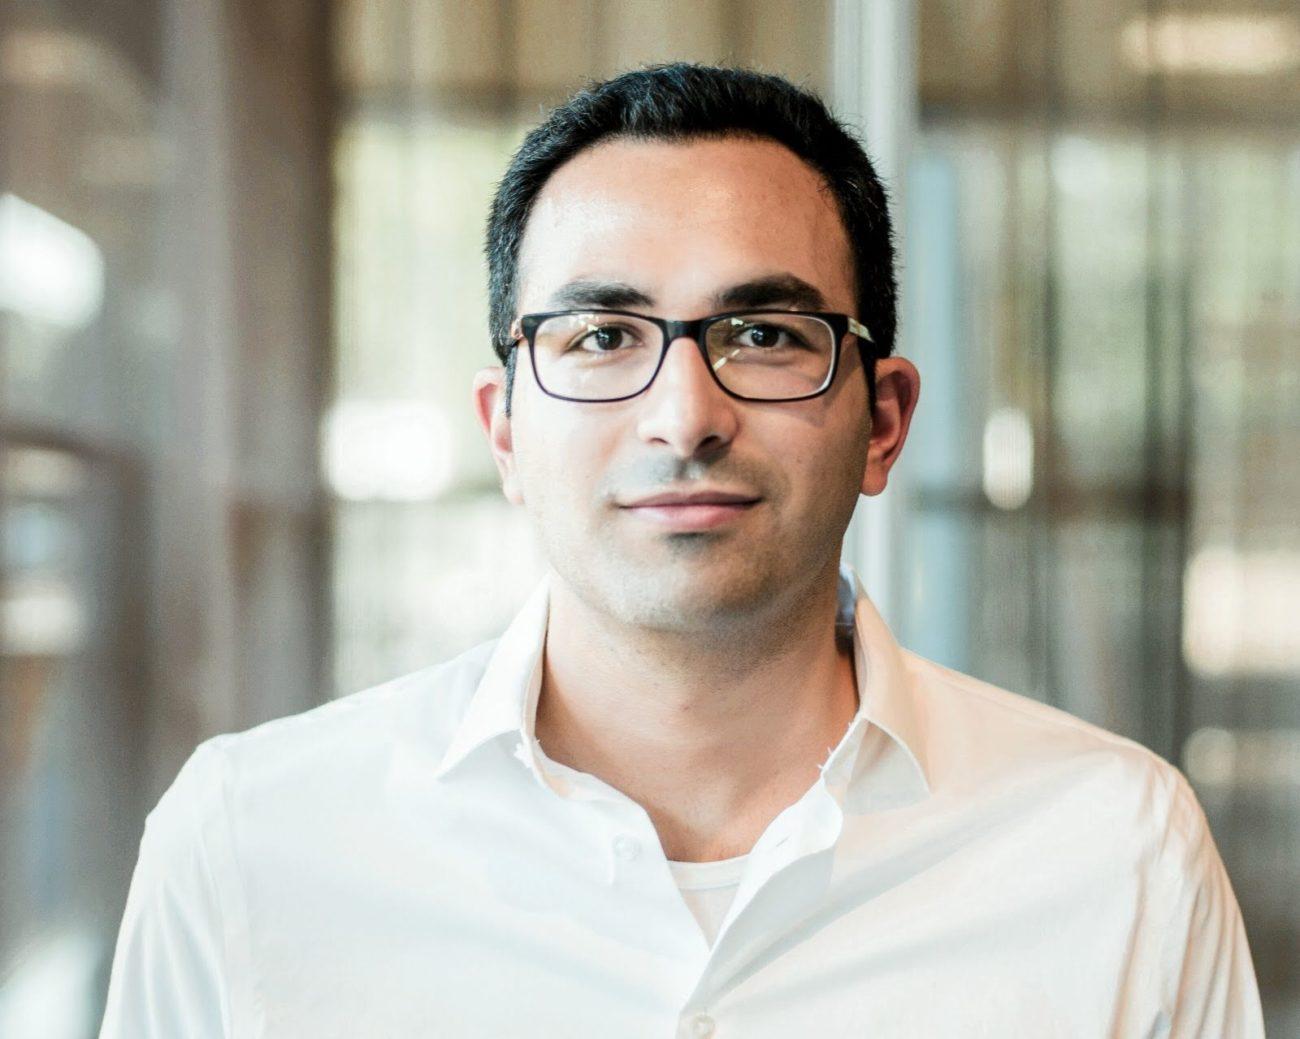 Bassel Heidar